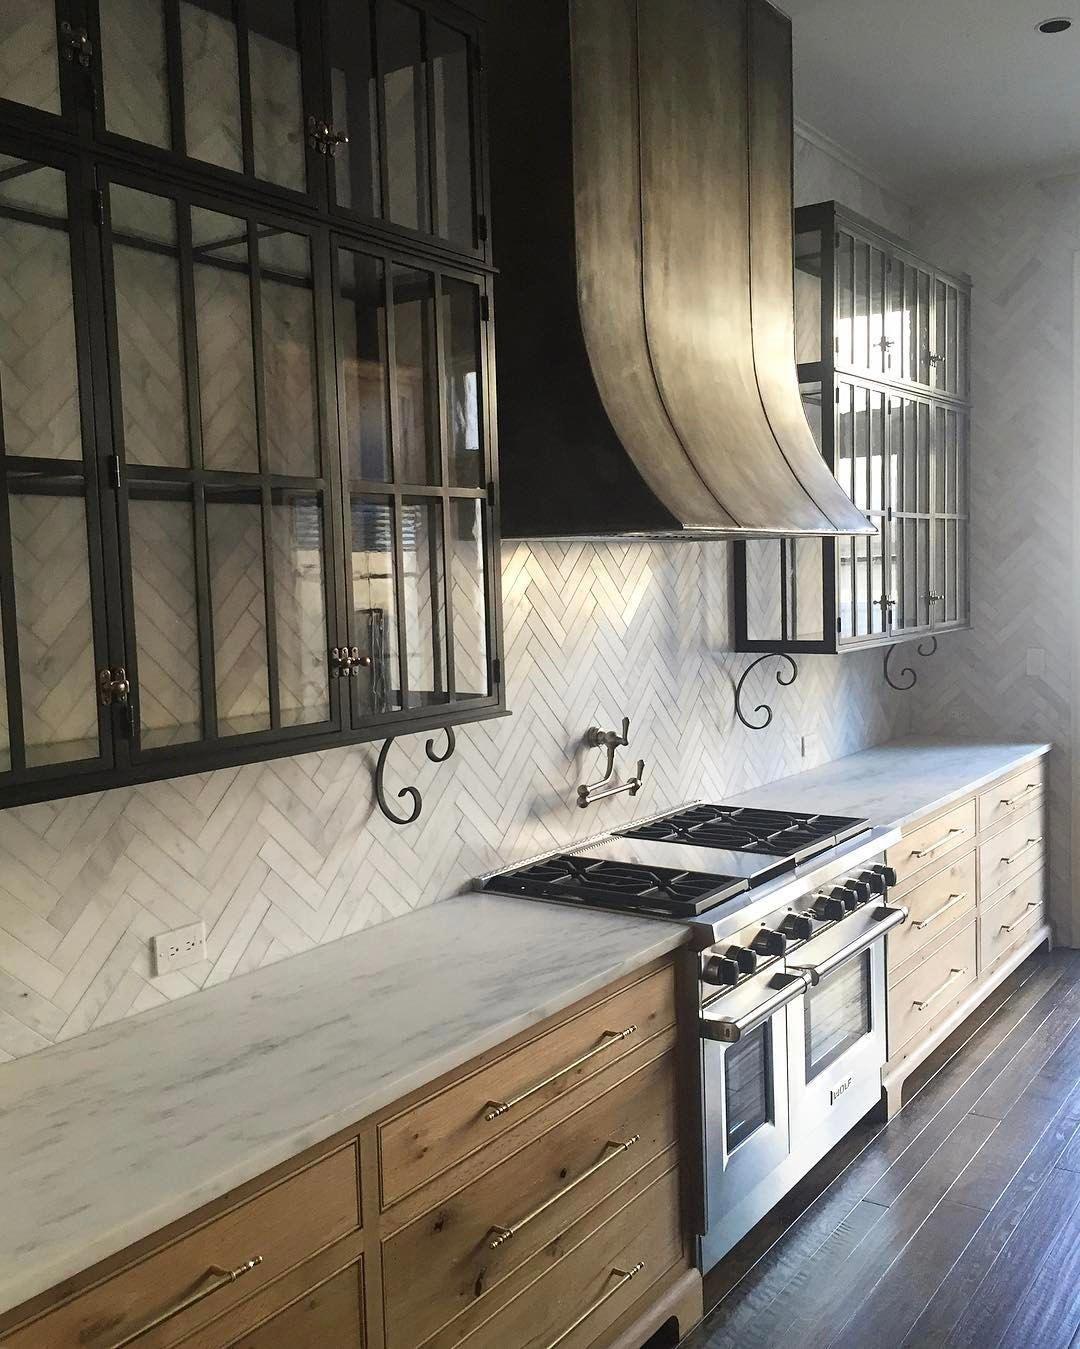 Low Budget Kitchen Cabinets: Kitchen Interior Design Low Budget #Kitcheninteriordesign